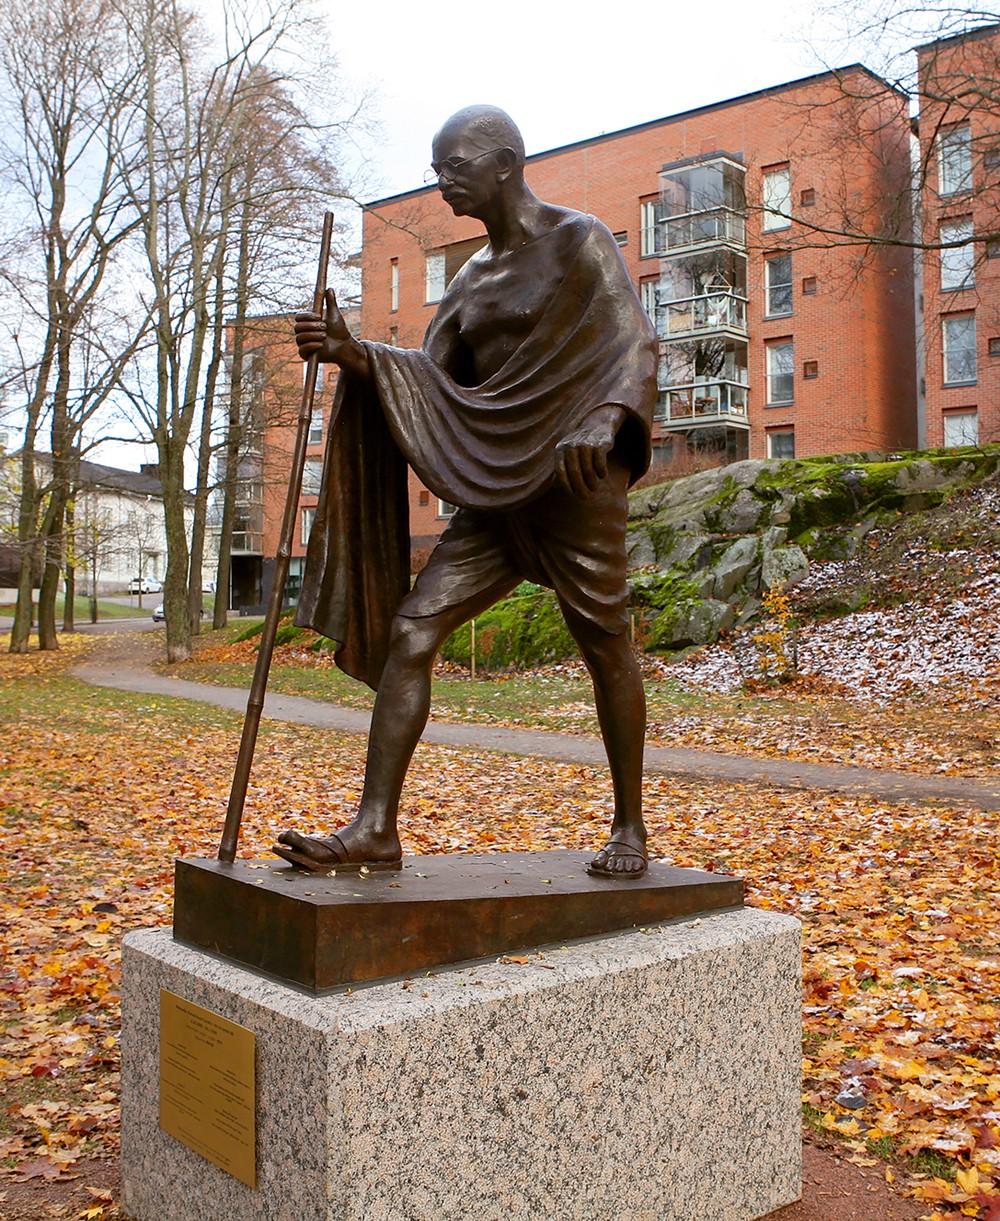 Modiksi syntyminen olisi kammottava rangaistus Gandhille